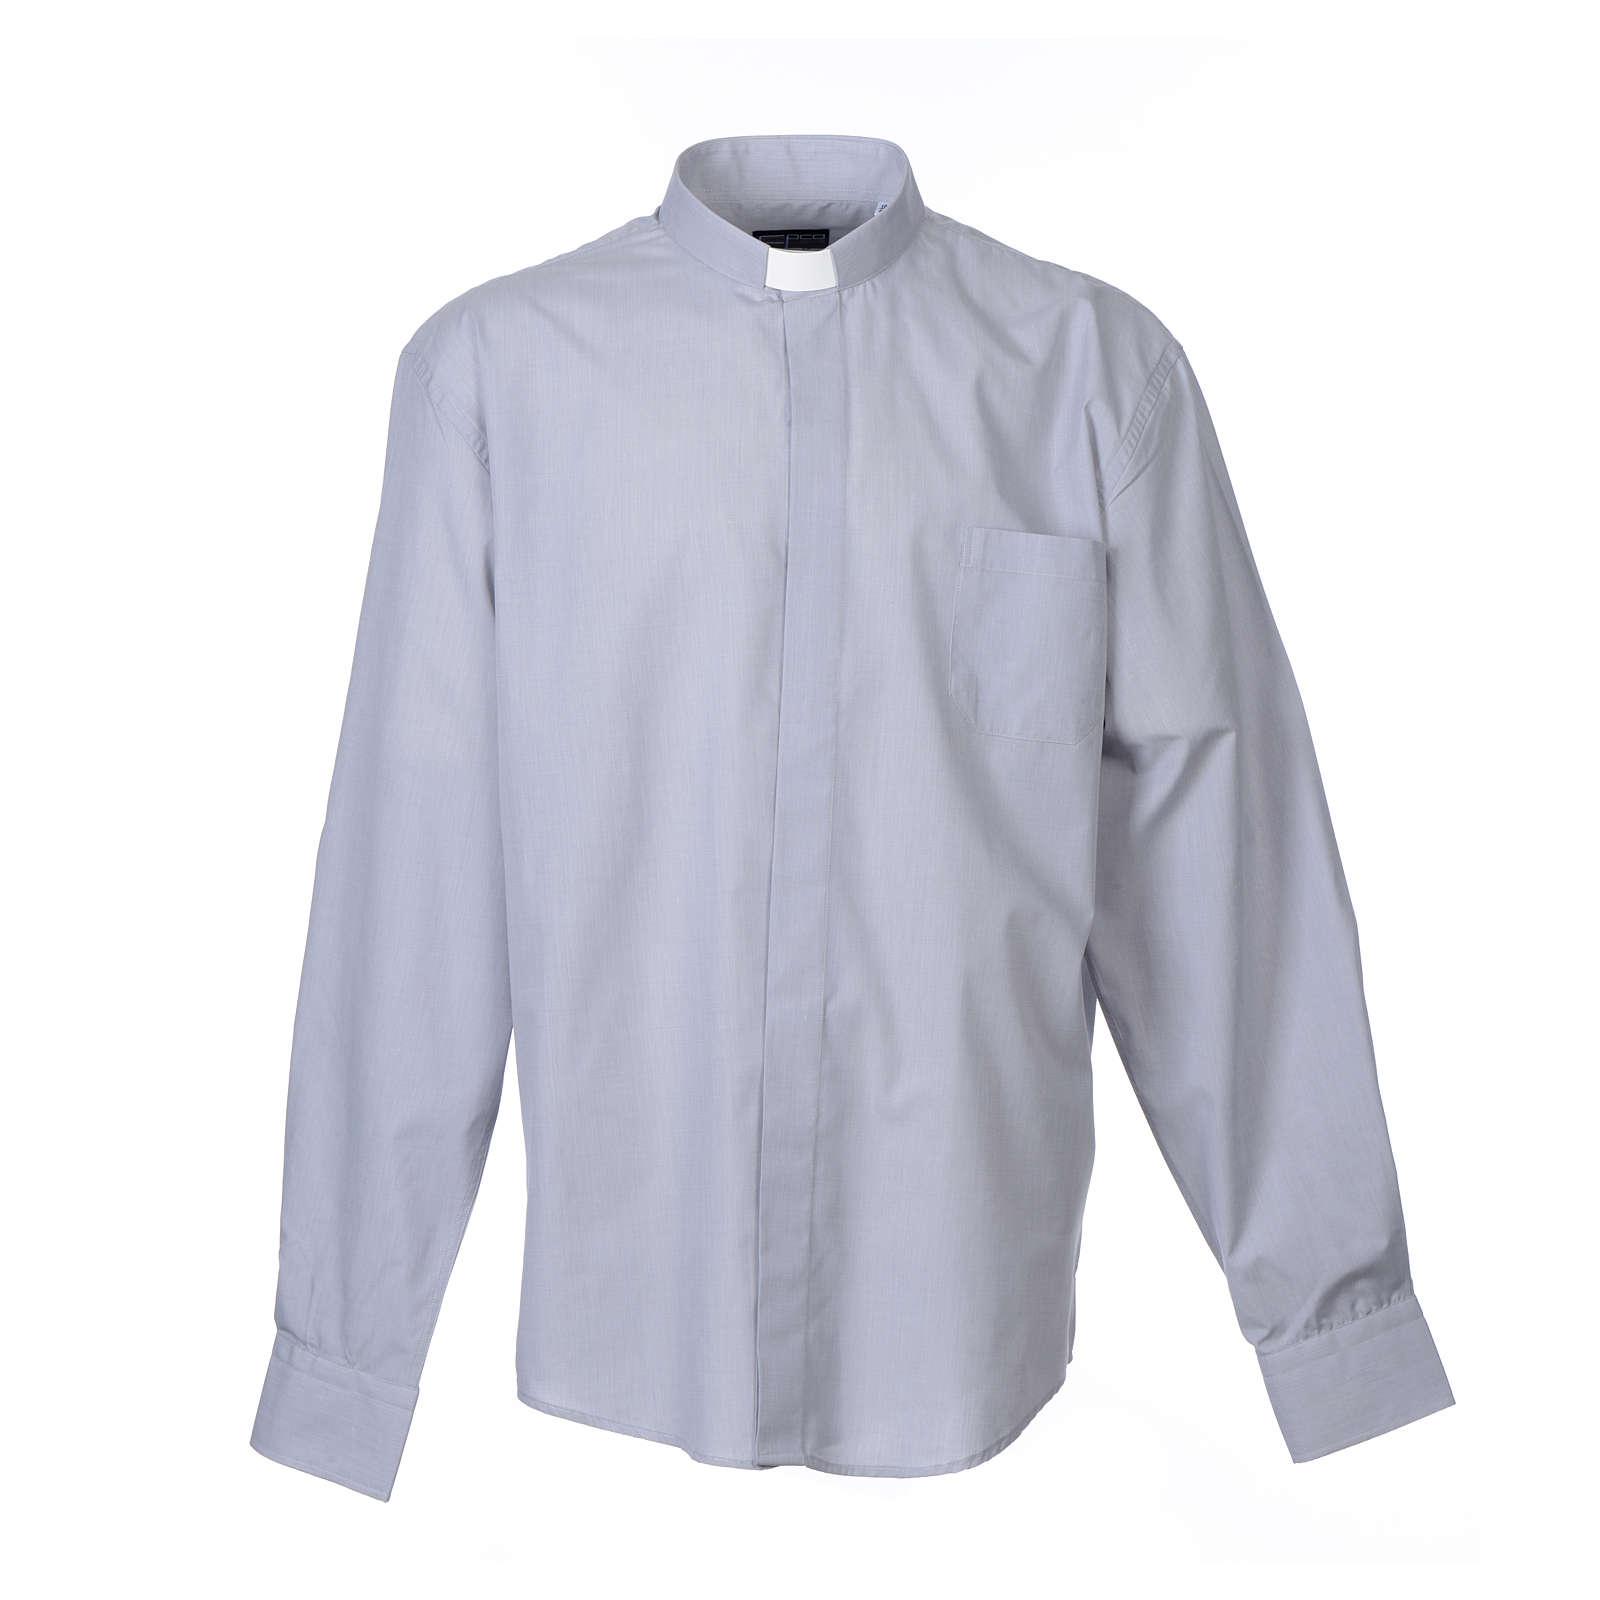 Camicia clergy M. Lunga Filo a Filo misto cotone grigio chiaro 4